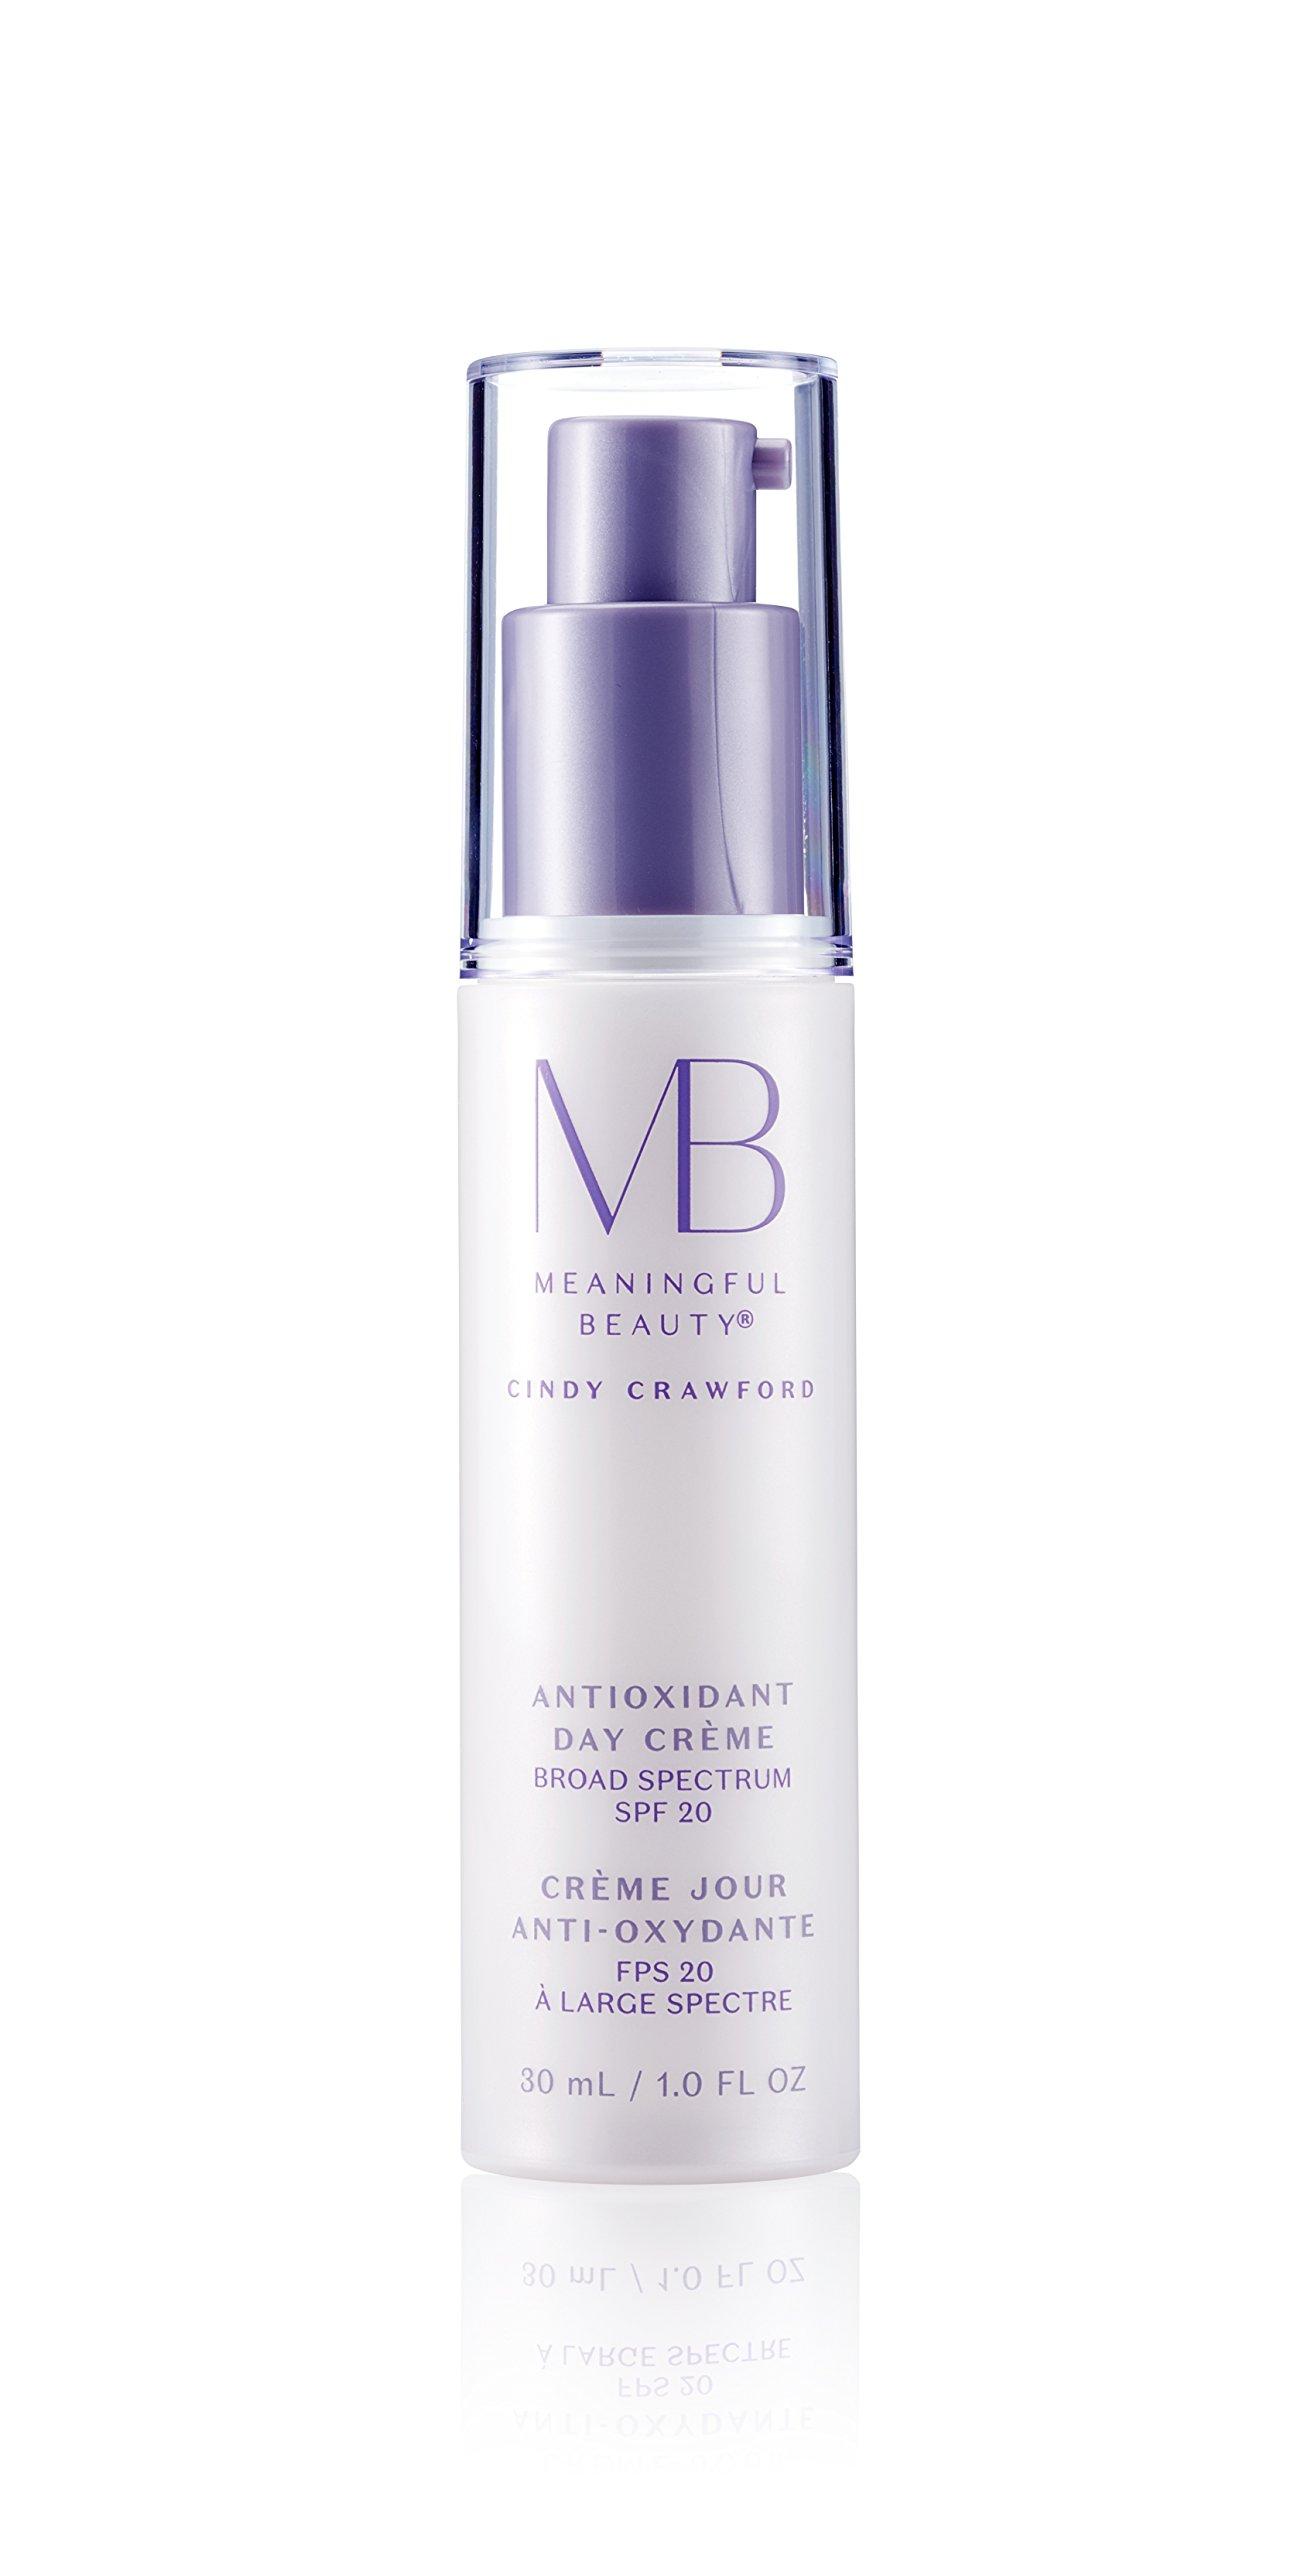 Meaningful Beauty - Antioxidant Day Crème - Vitamin C SPF 20 Moisturizer - 1 Fluid Ounce - MT.0355